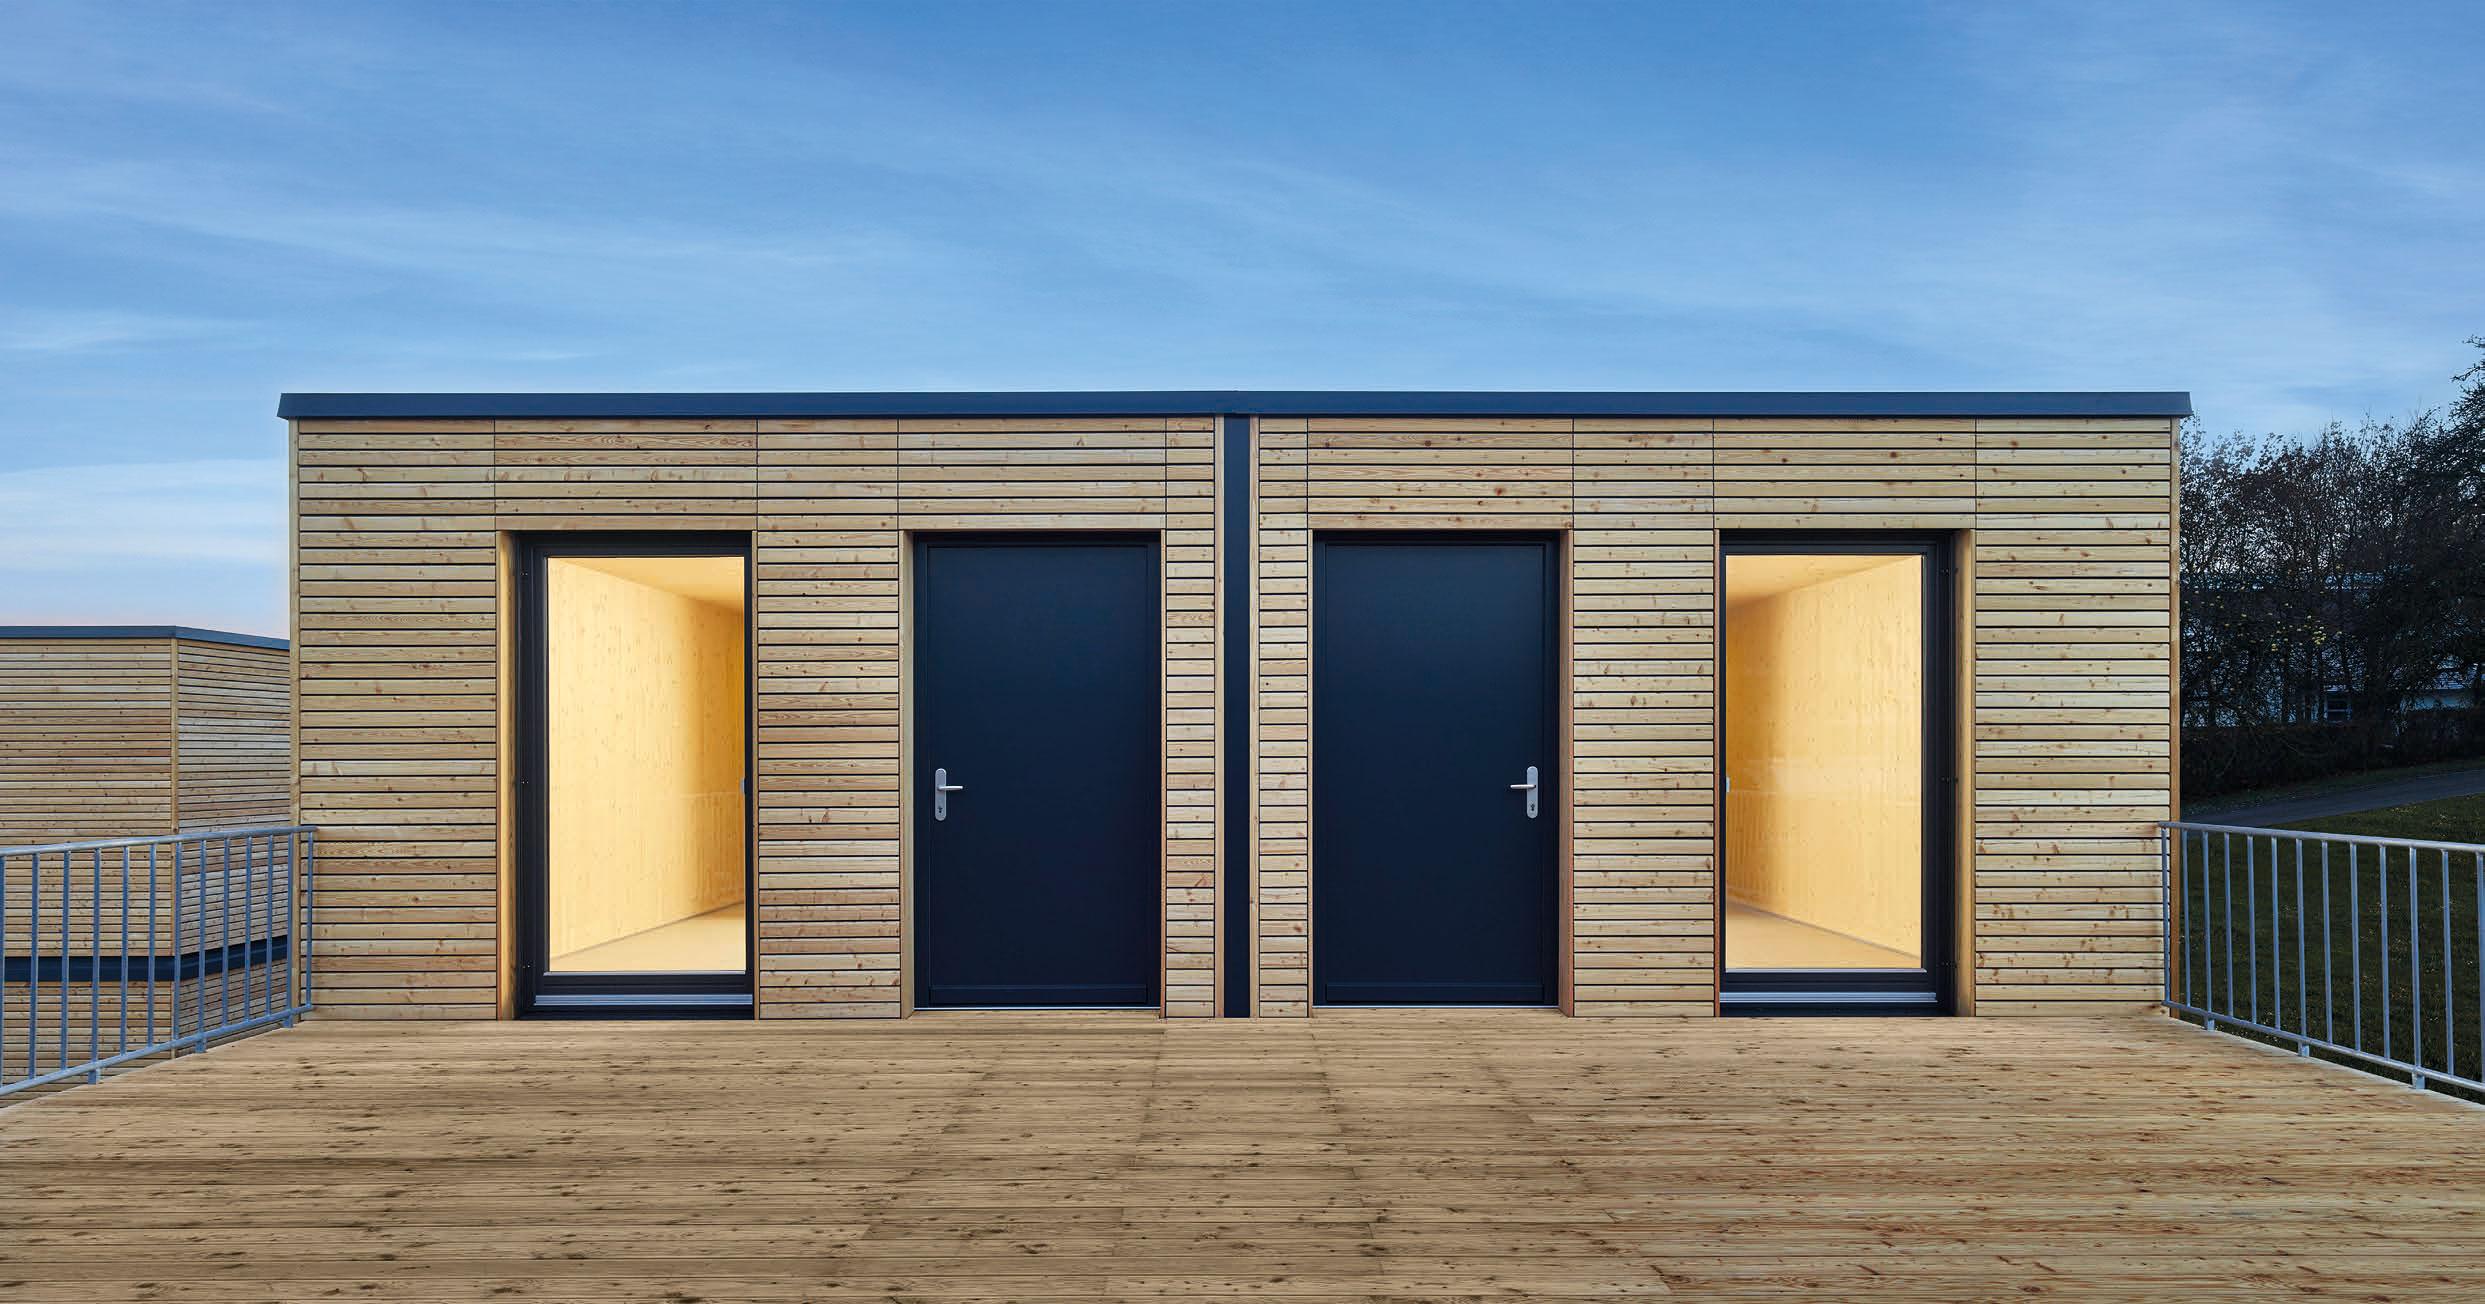 Modular wohnen: Die Holzhäuser von AH Aktiv-Haus lassen sich zu Ein- und Mehrfamilienhäusern zusammenstellen.